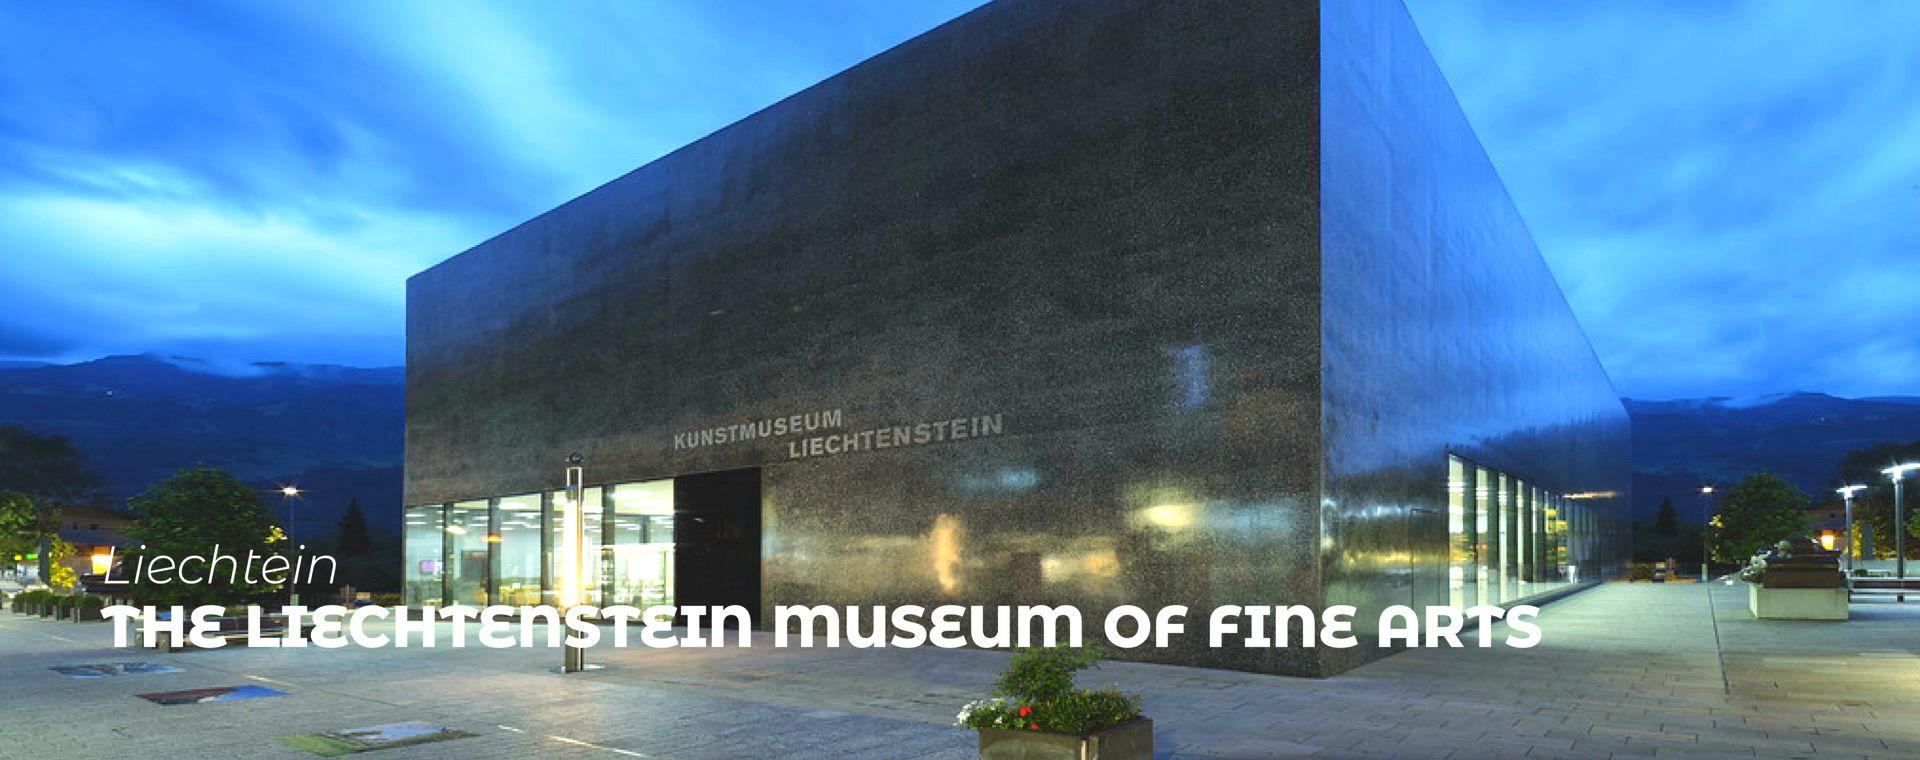 THE LIECHTENSTEIN MUSEUM OF FINE ARTS